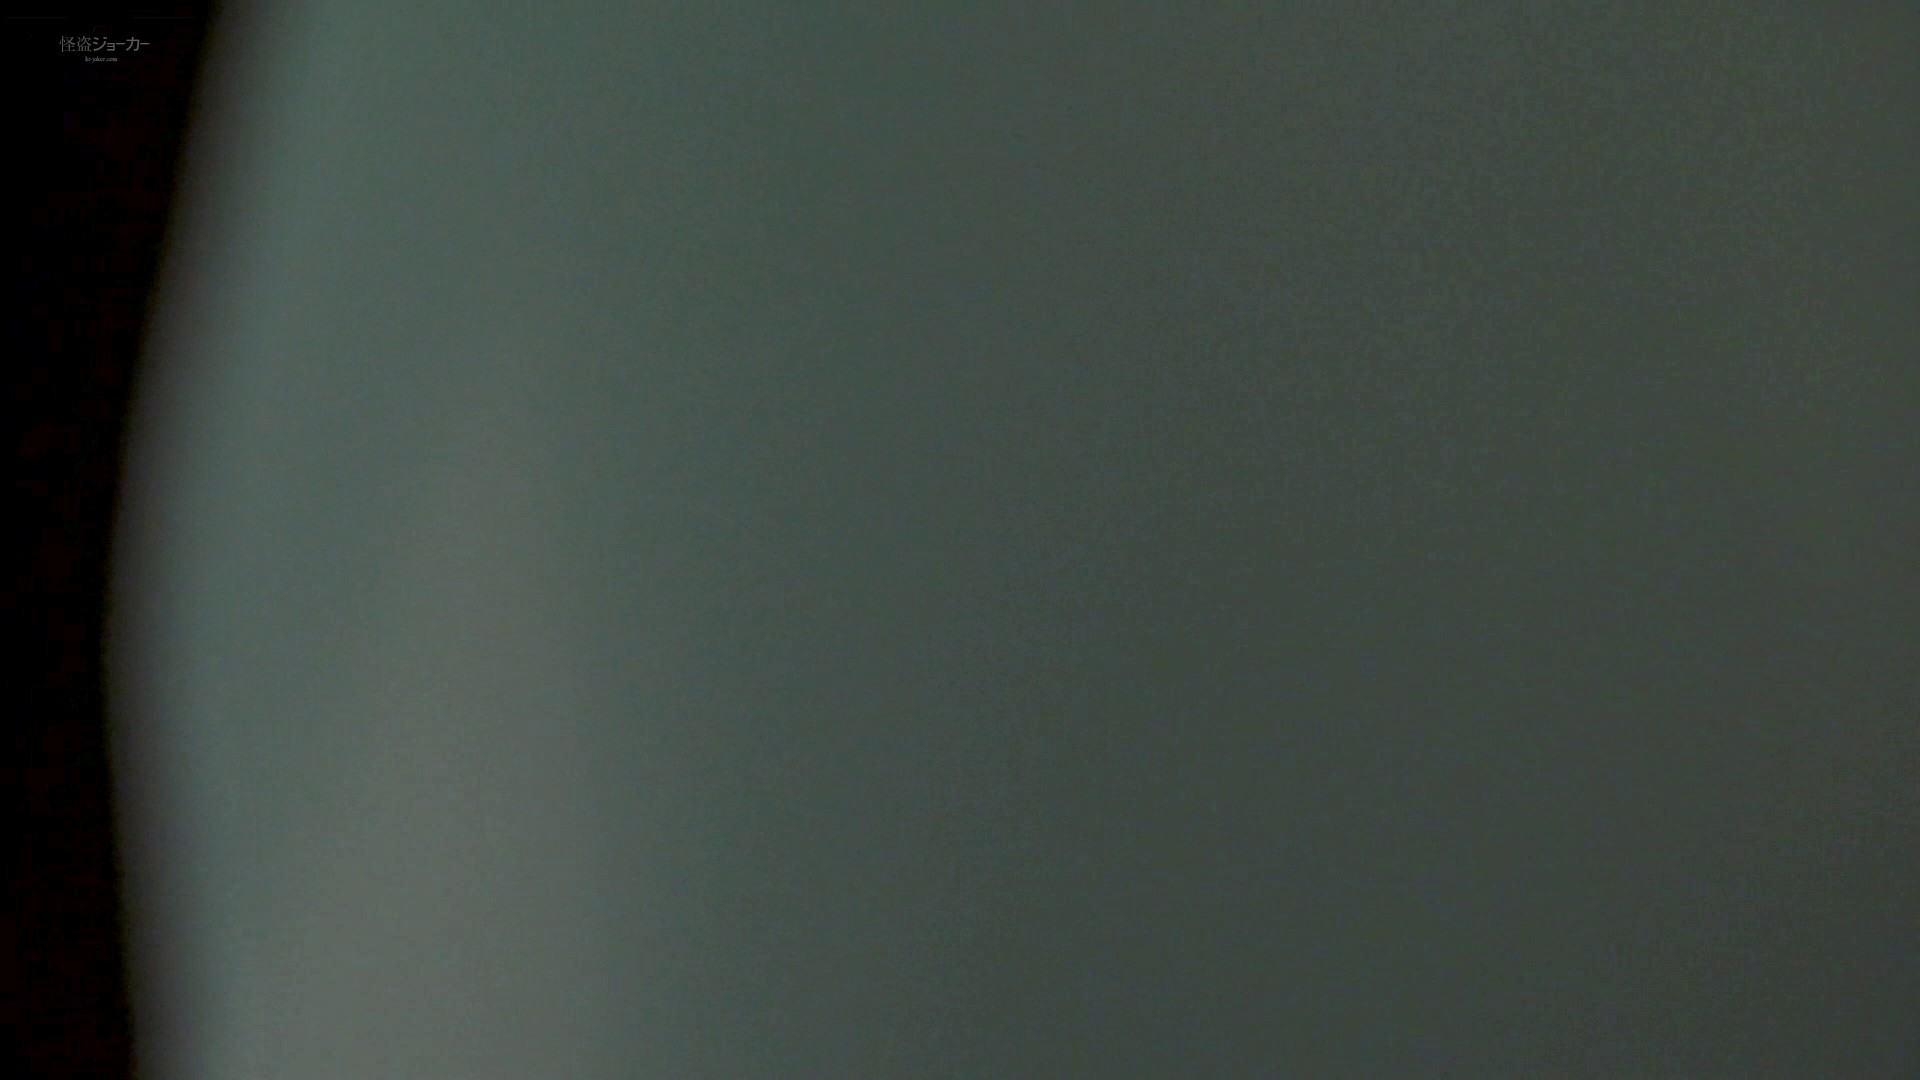 なんだこれ!! Vol.08 遂に美女登場!! テクニック セックス無修正動画無料 77pic 47